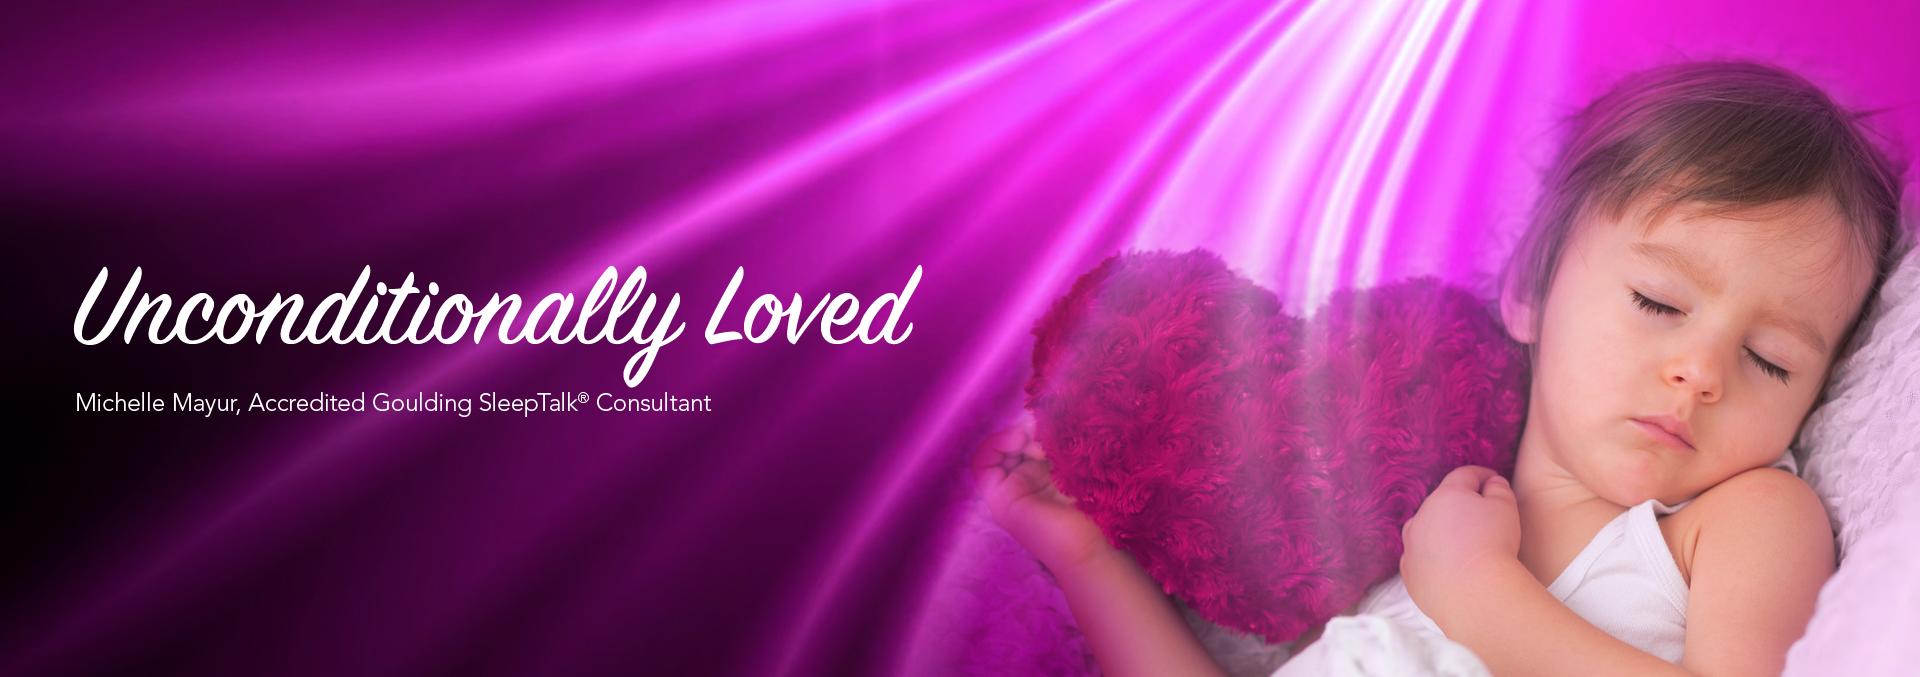 SleepTalk® Unconditionally Loved website logo. Sleeping child holding heart-shaped cushion.